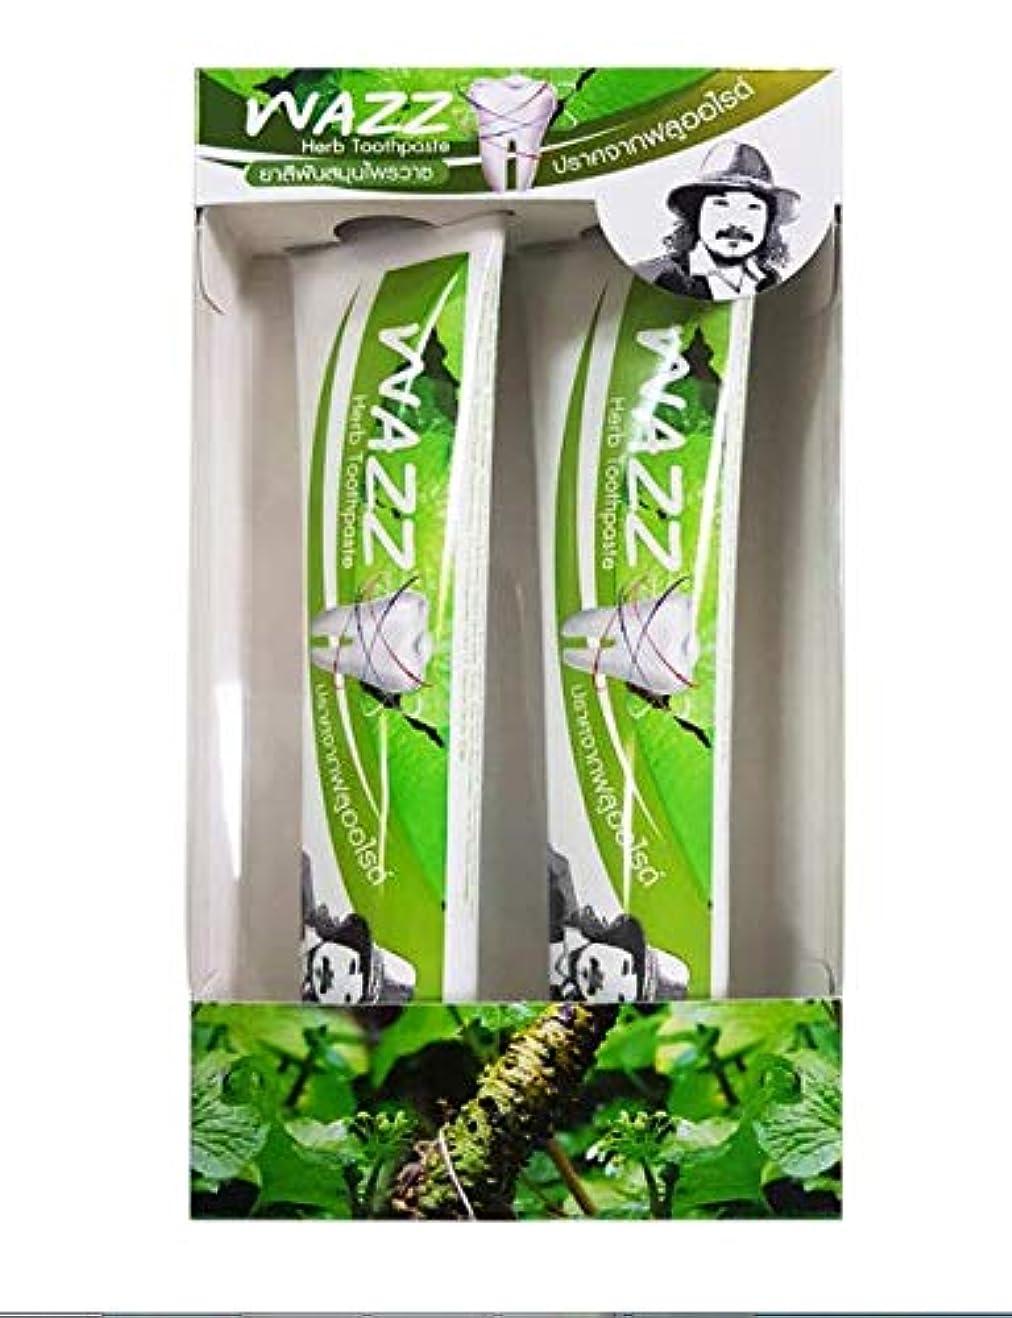 WAZZ Herb Toothpaste Fluroride Free ハーブの歯磨き粉Flororide無料 2 x 100 g.